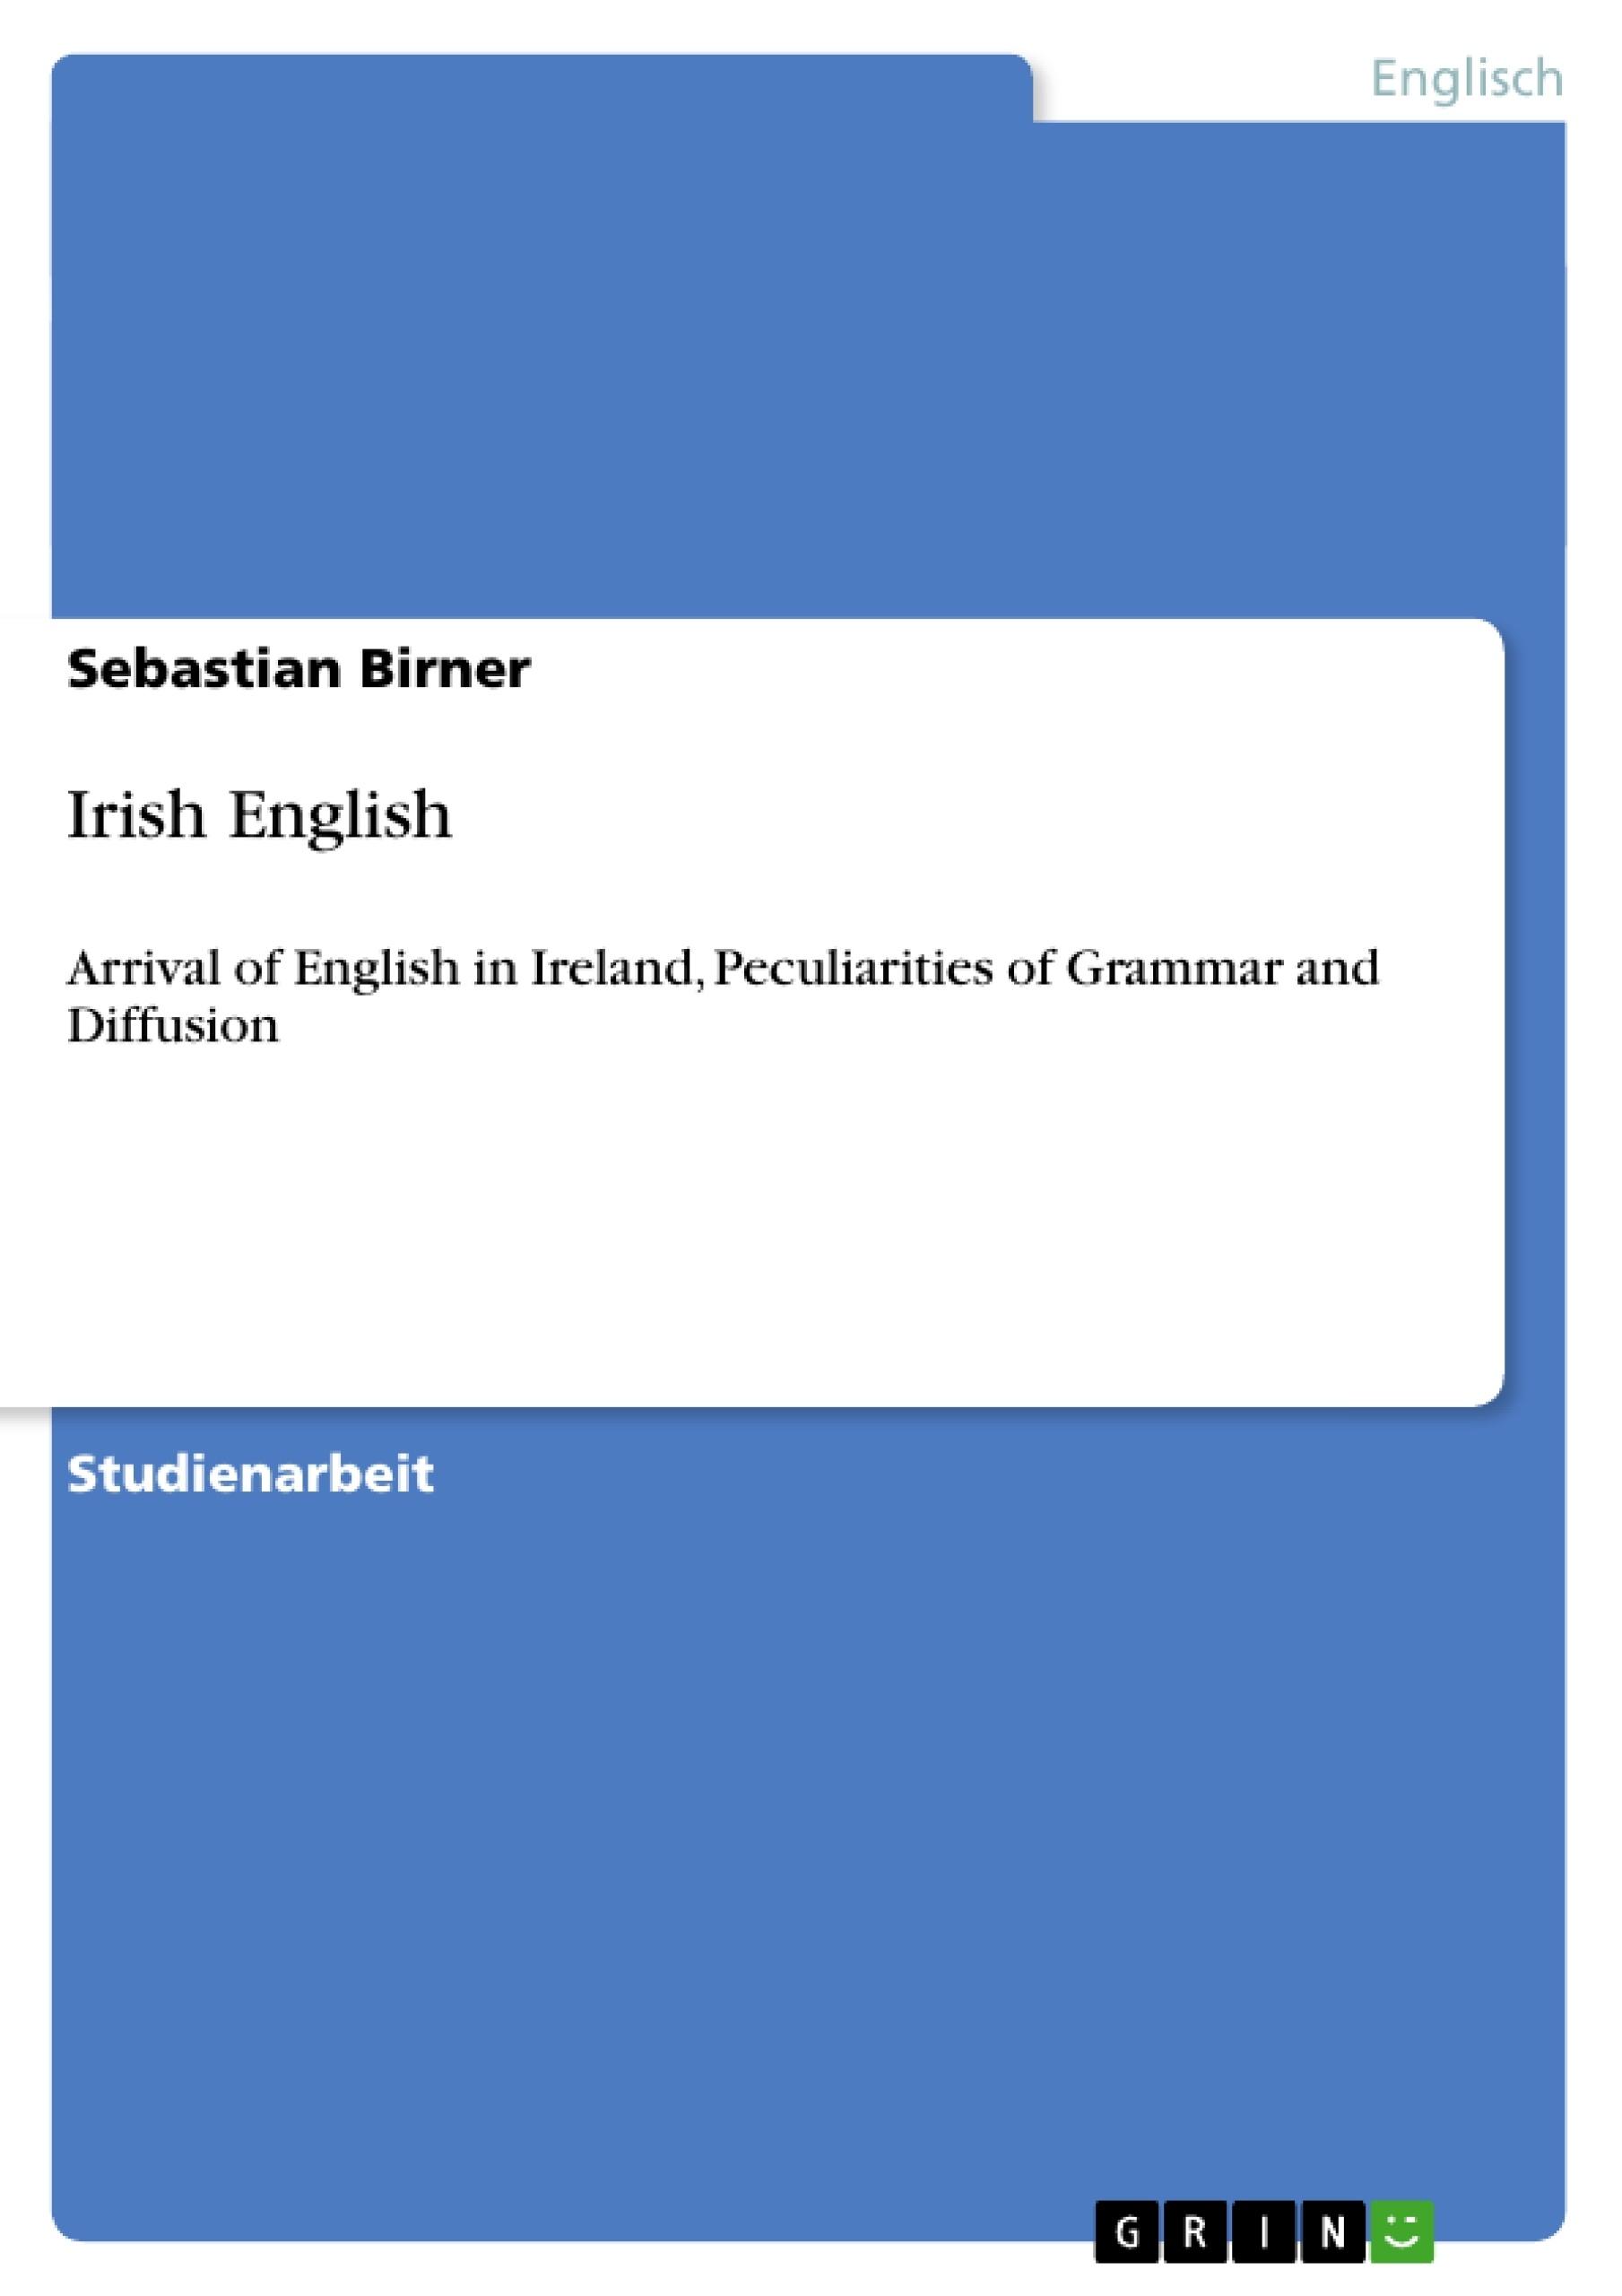 Titel: Irish English